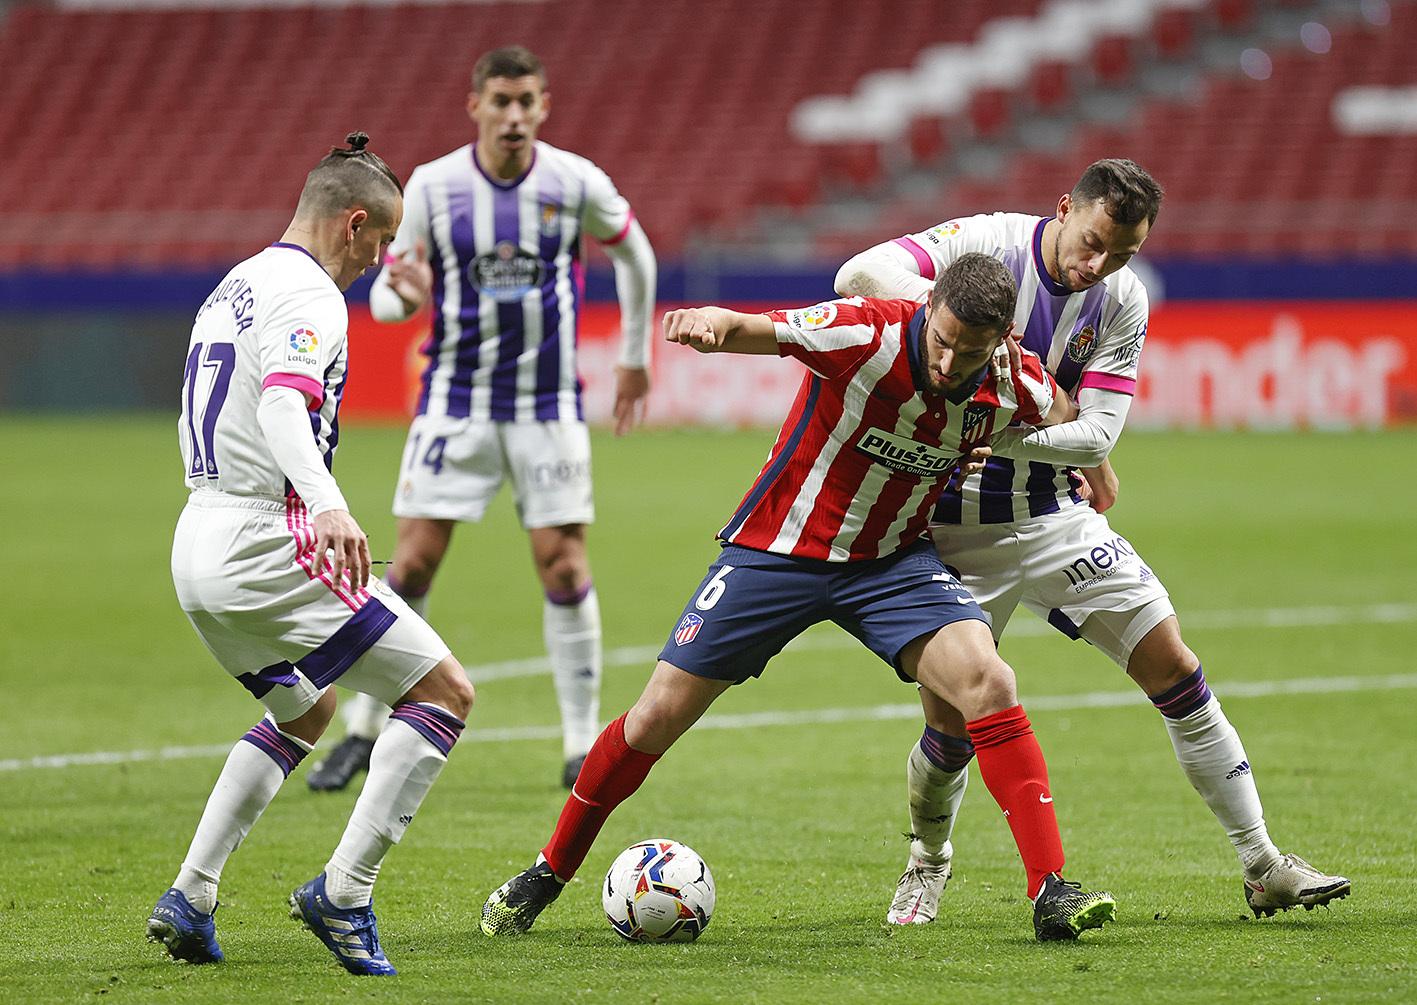 Valladolid - đối thủ mà họ từng thắng 2-0 ở lượt đi trên sân nhà Wanda - sẽ là rào cản cuối cùng của Atletico trên đường chinh phục ngôi vô địch La Liga mùa này. Ảnh: Twitter / Atletico